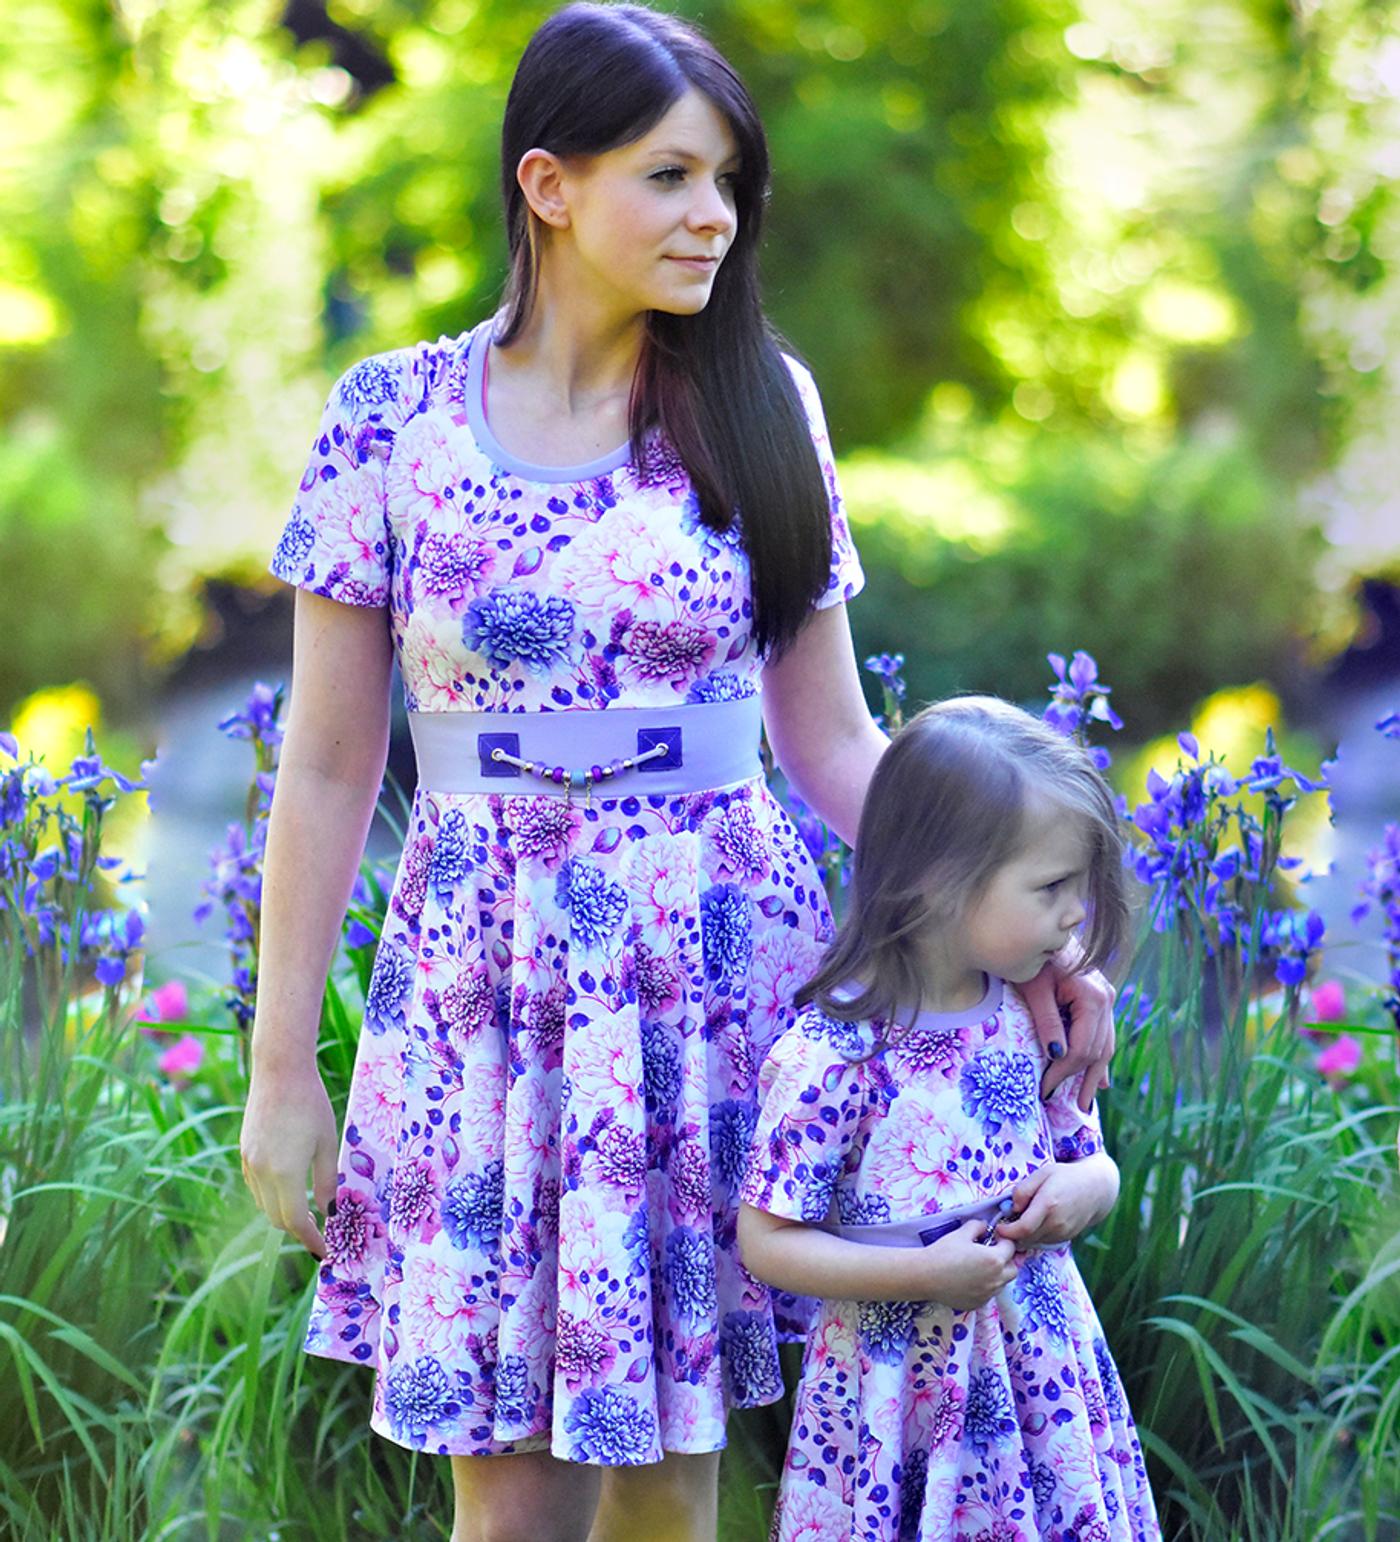 Produktfoto 2 von Rosalieb & Wildblau für Schnittmuster Kombi-Ebook Lillibee Damen und Mädchen